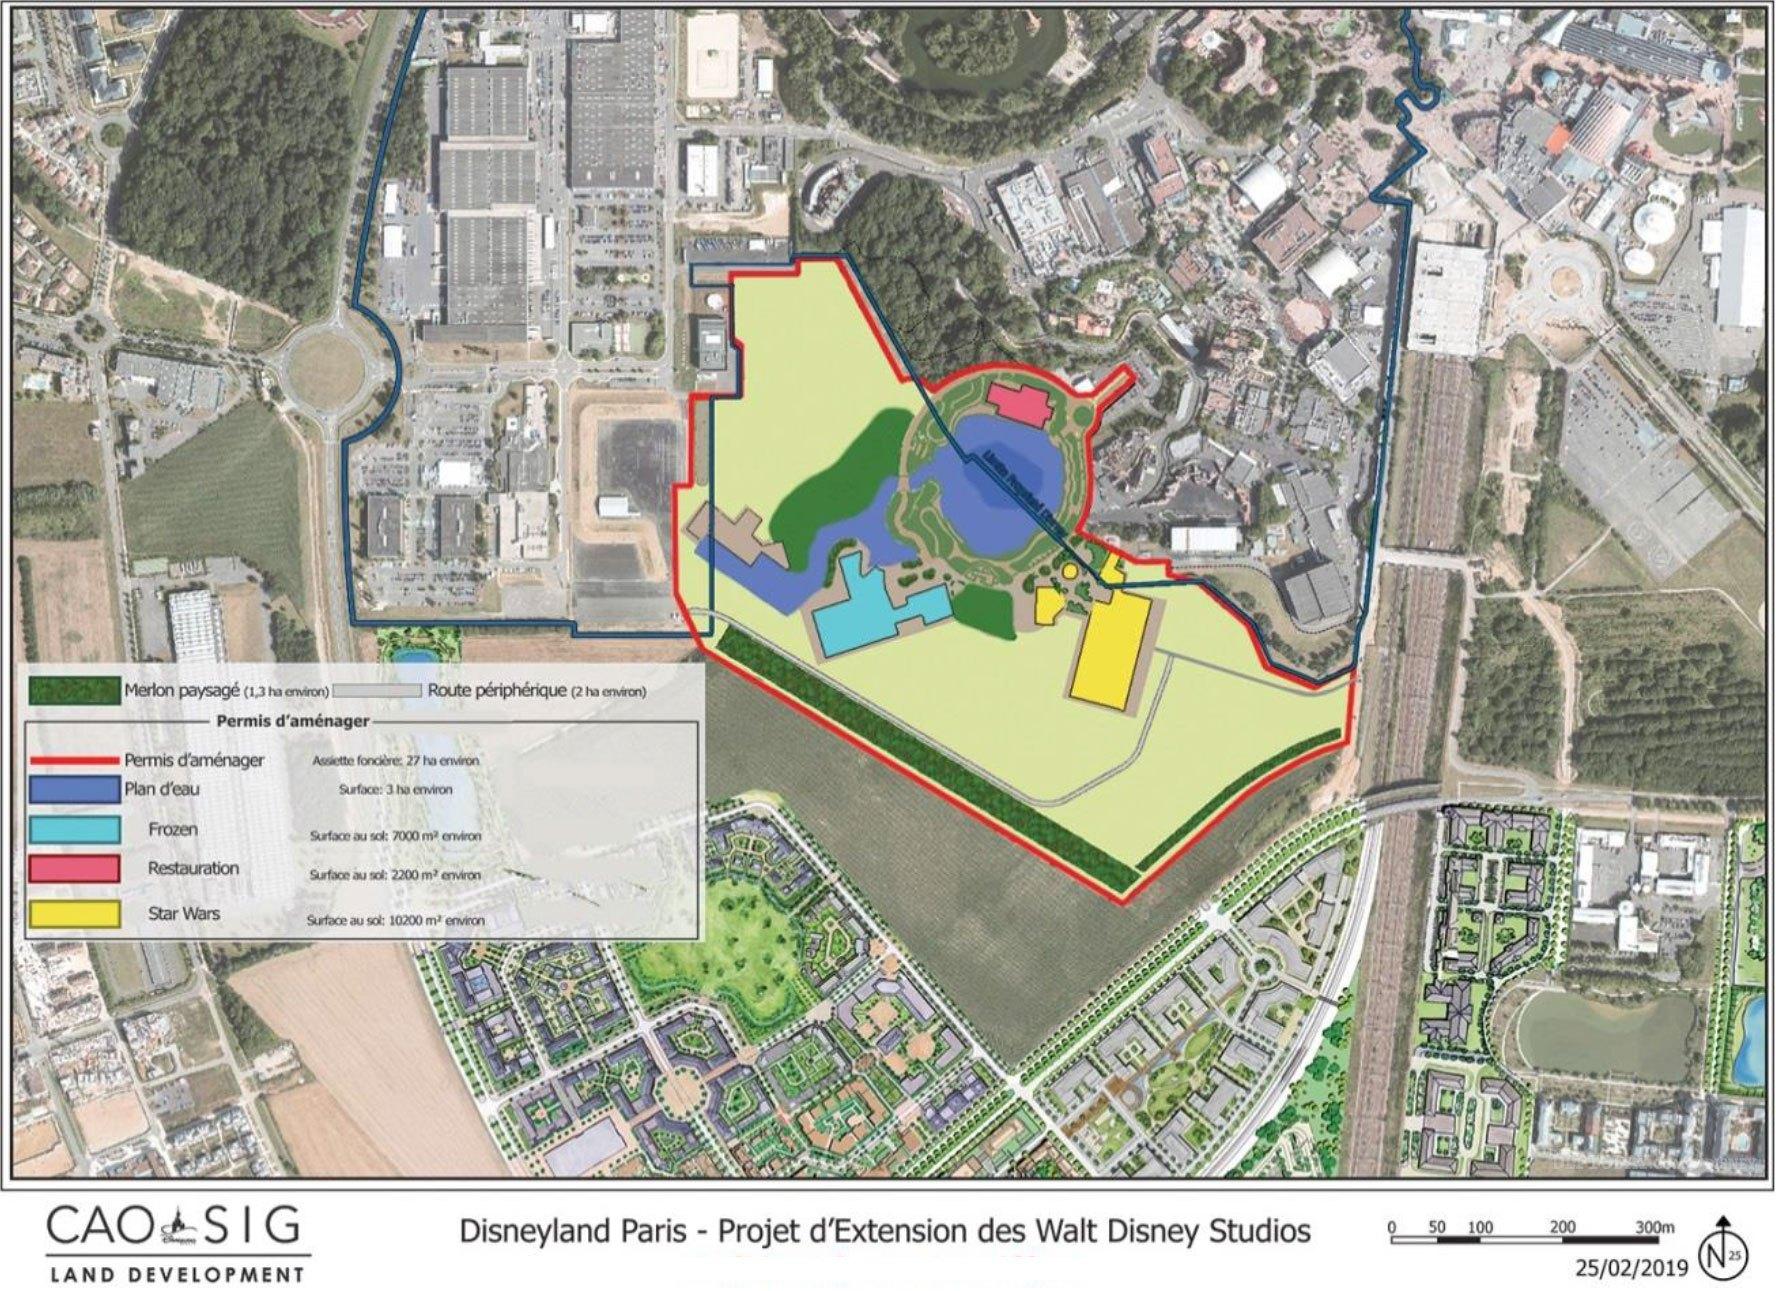 Mapa com o provável projeto do plano de expansão da Disneyland Paris. Imagem: RadioDisneyClub